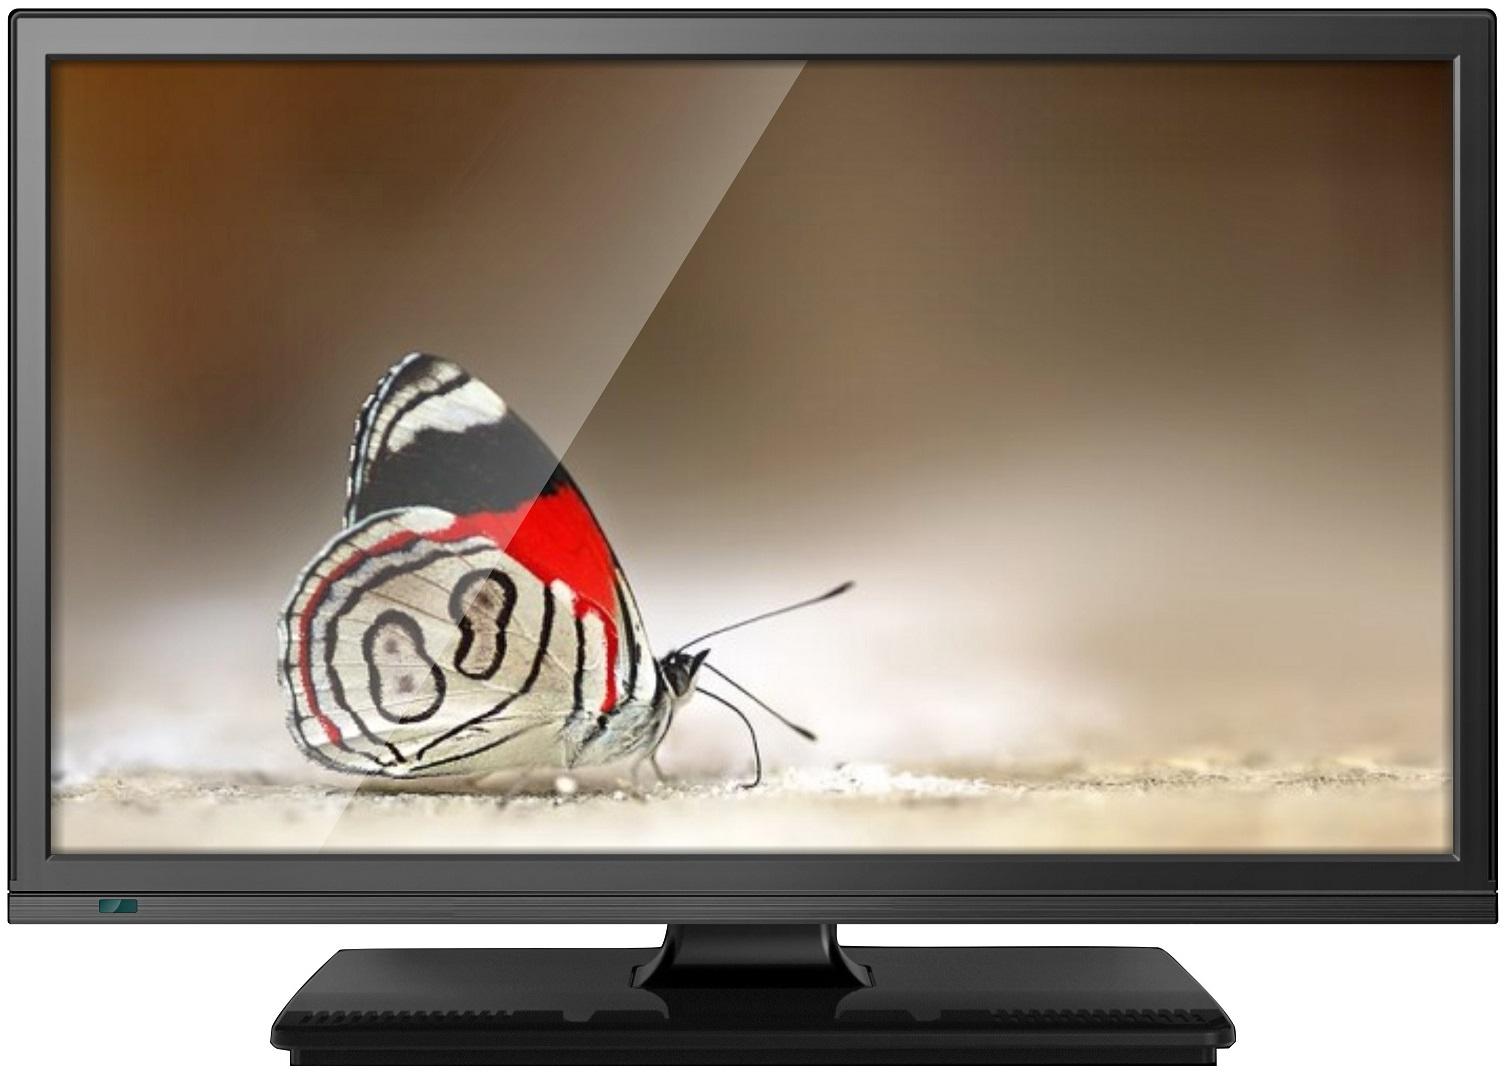 ハイビジョン液晶テレビ LCH1914G(19V型)画像